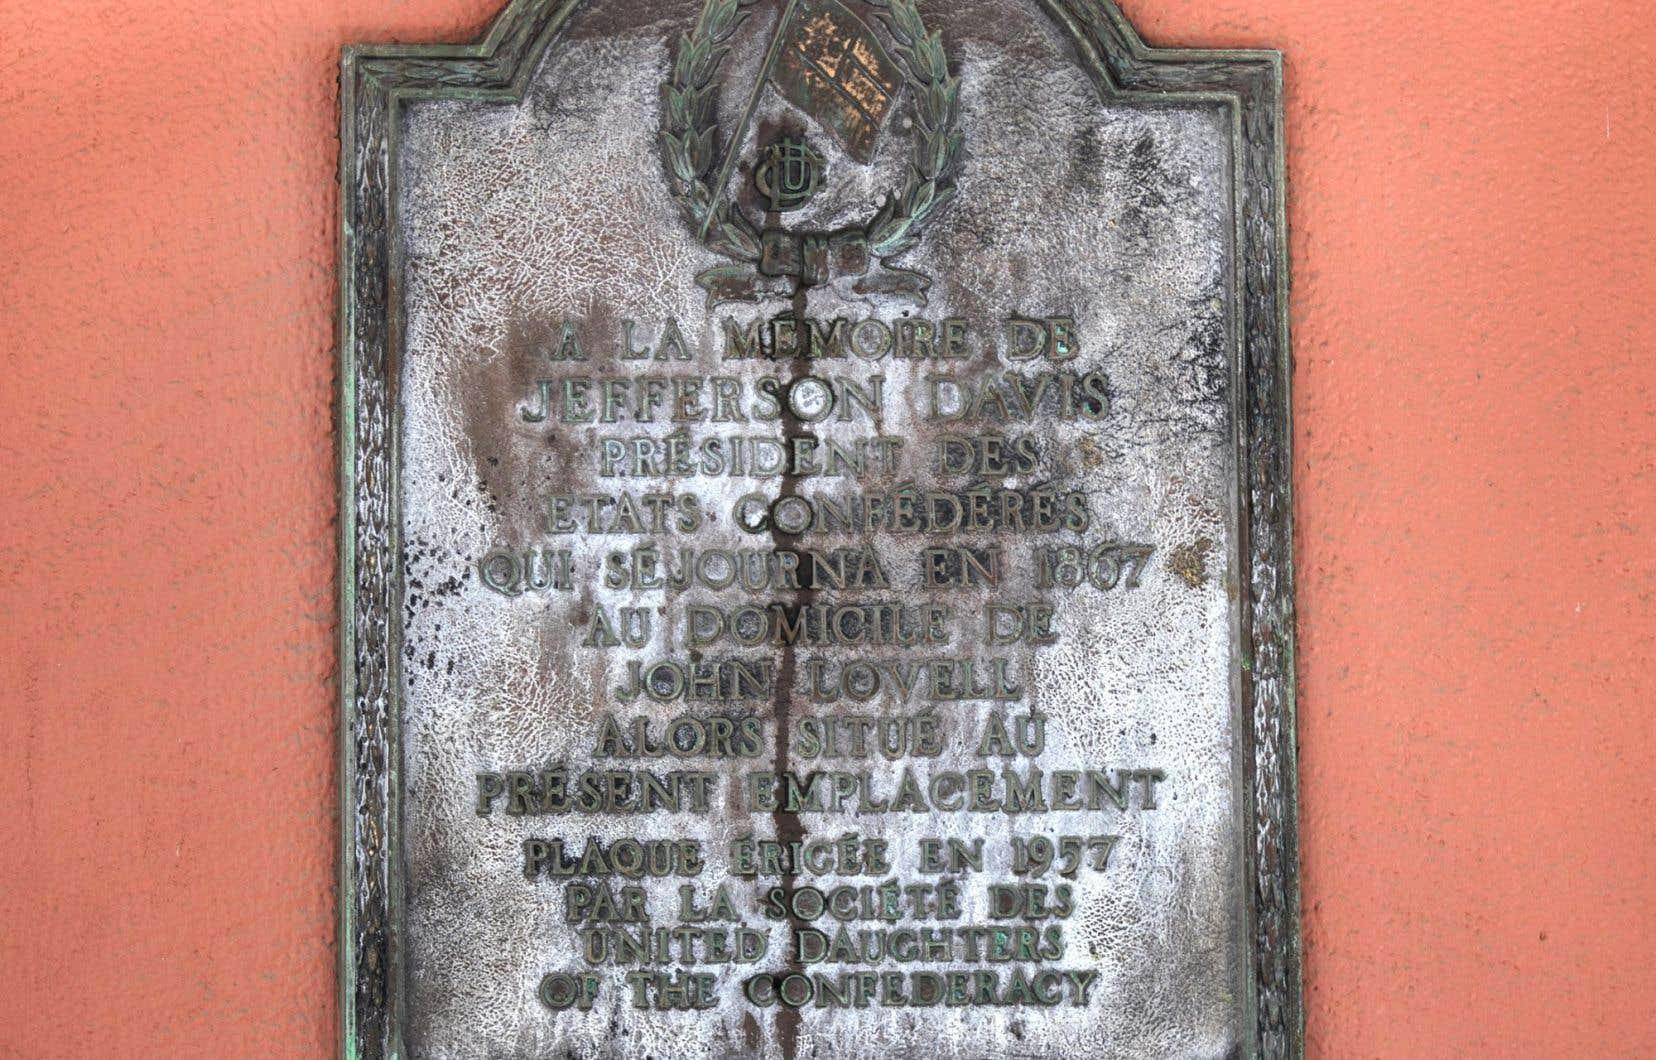 Jusqu'à mardi soir,une plaque commémorative de l'ancien président sudiste Jefferson Davis était apposée surl'édifice de la Baie d'Hudson de la rue Sainte-Catherine, à Montréal.